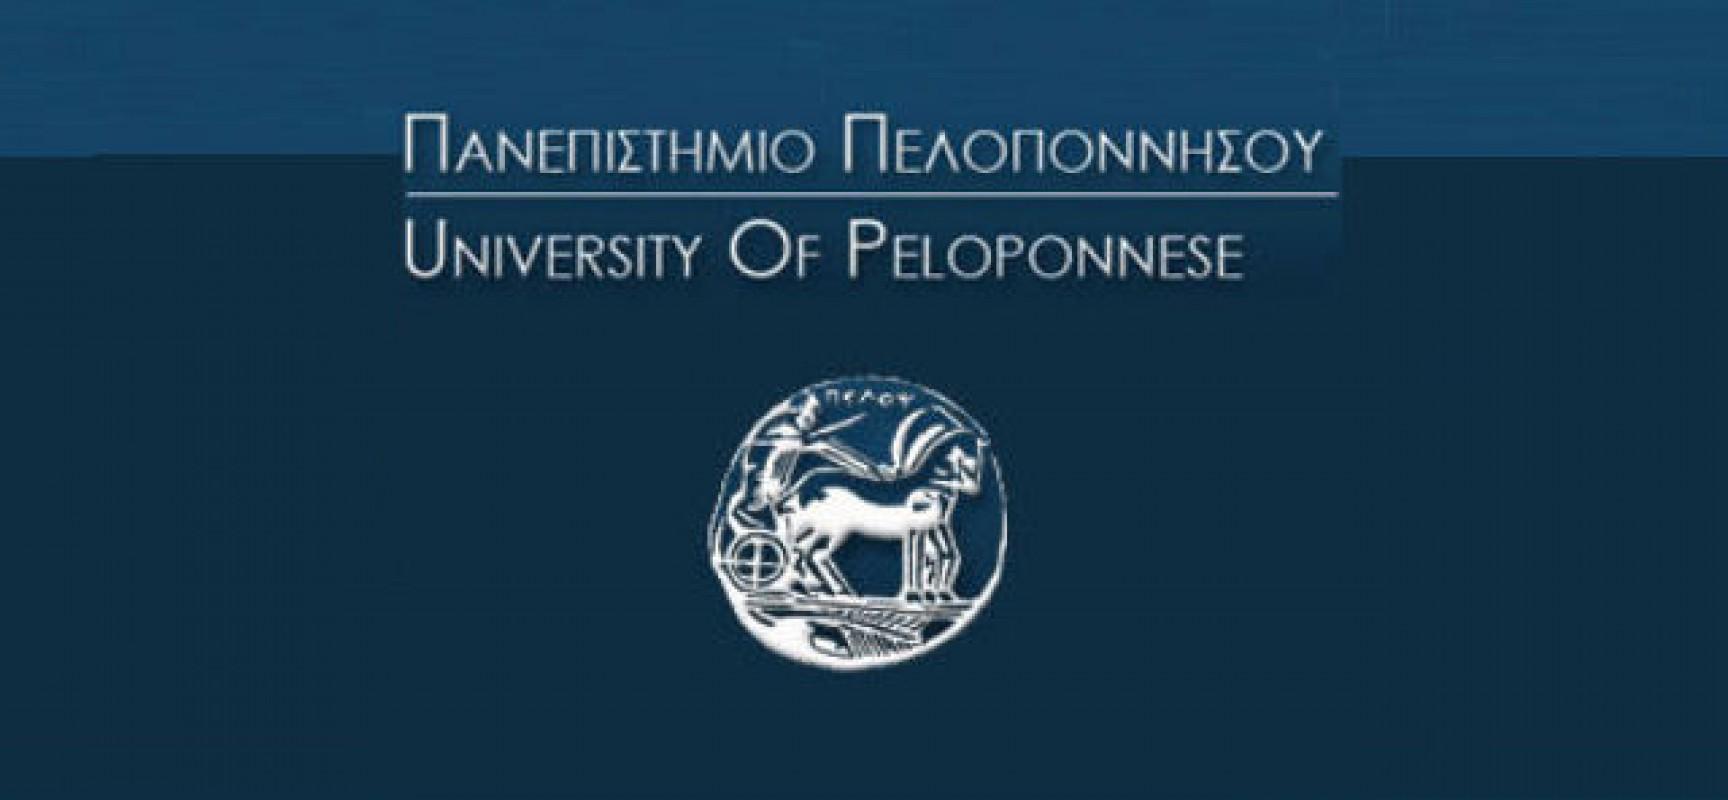 Προκήρυξη Εισαγωγής Φοιτητών σε Πρόγραμμα Μεταπτυχιακών Σπουδών